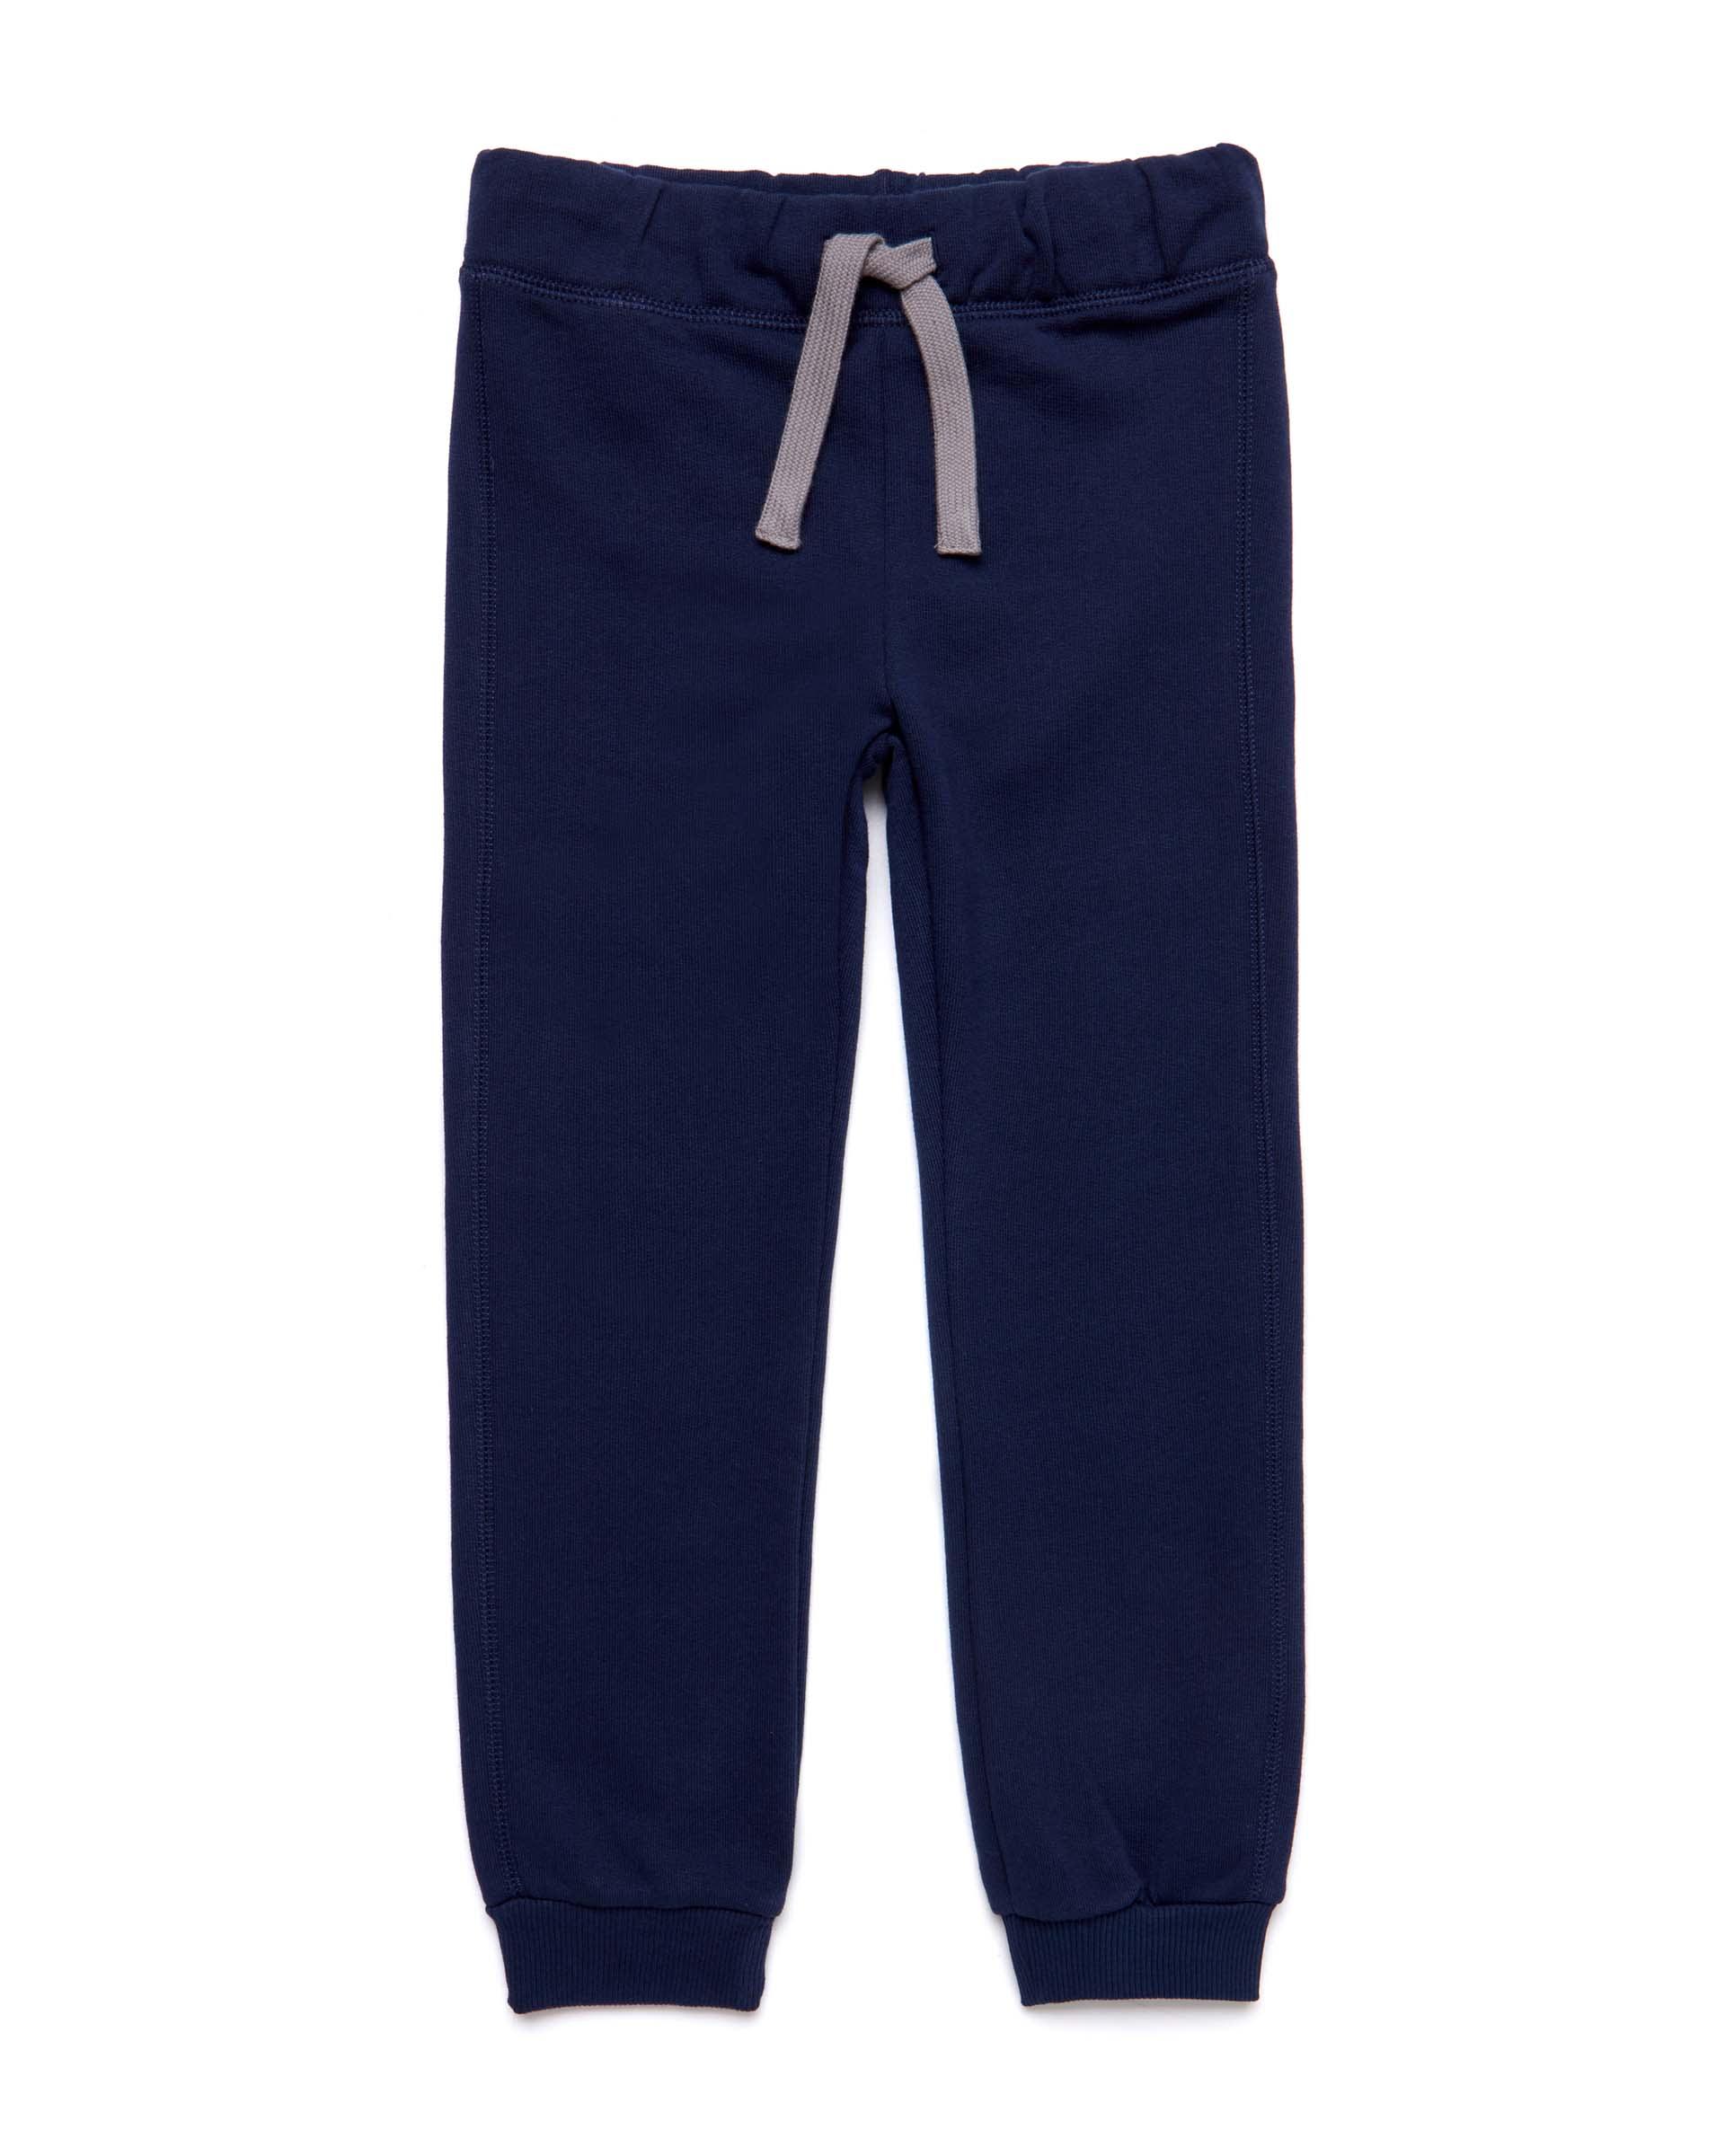 Купить 20P_3J68I0449_252, Спортивные брюки для мальчиков Benetton 3J68I0449_252 р-р 92, United Colors of Benetton, Шорты и брюки для новорожденных